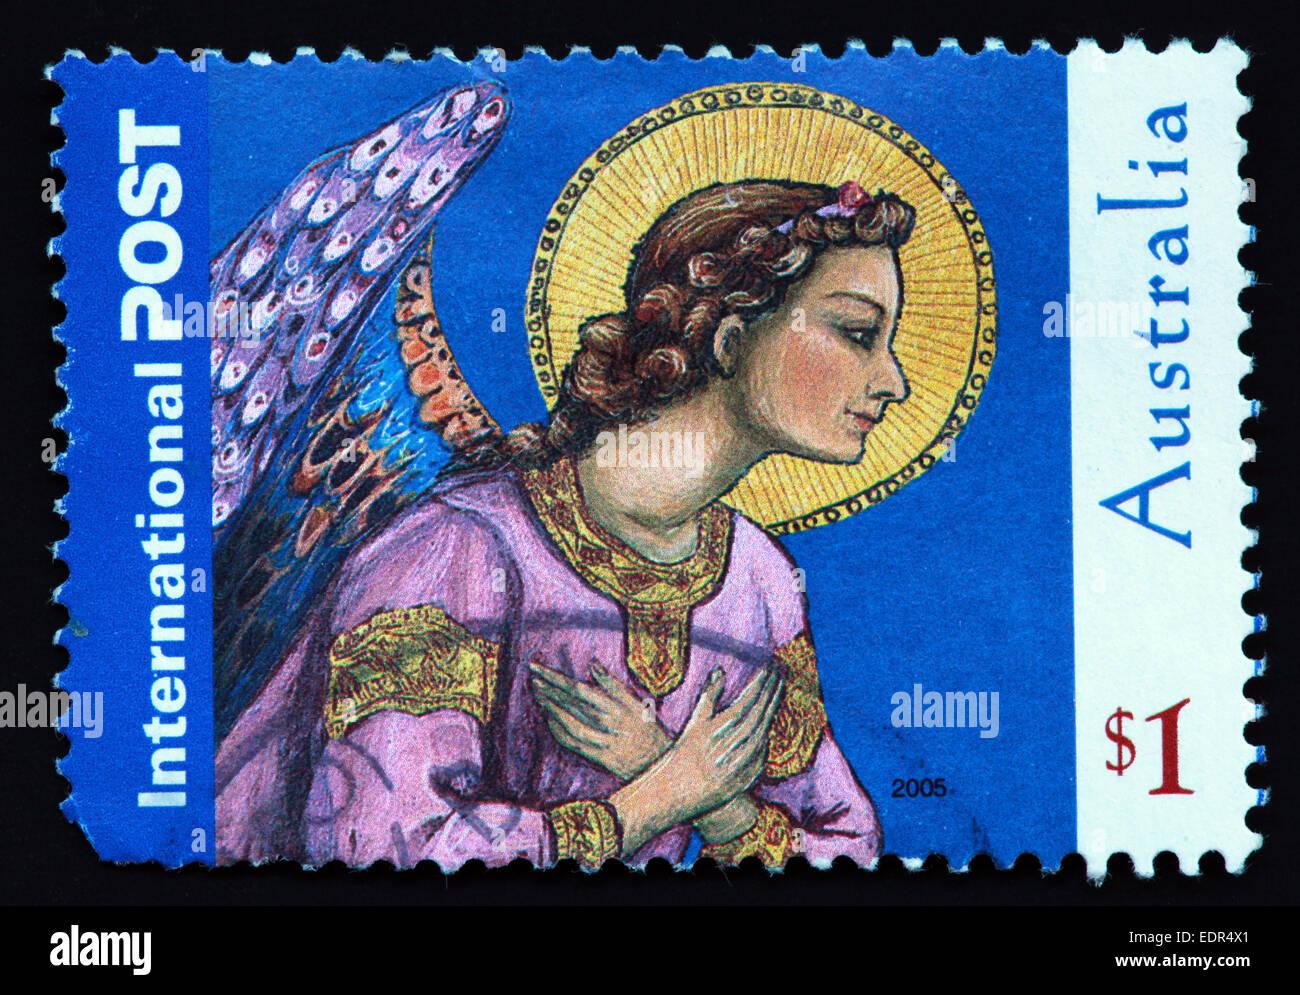 Utilizado y el matasellos Australia / sello australiano puesto internacional $1 2005 Foto de stock